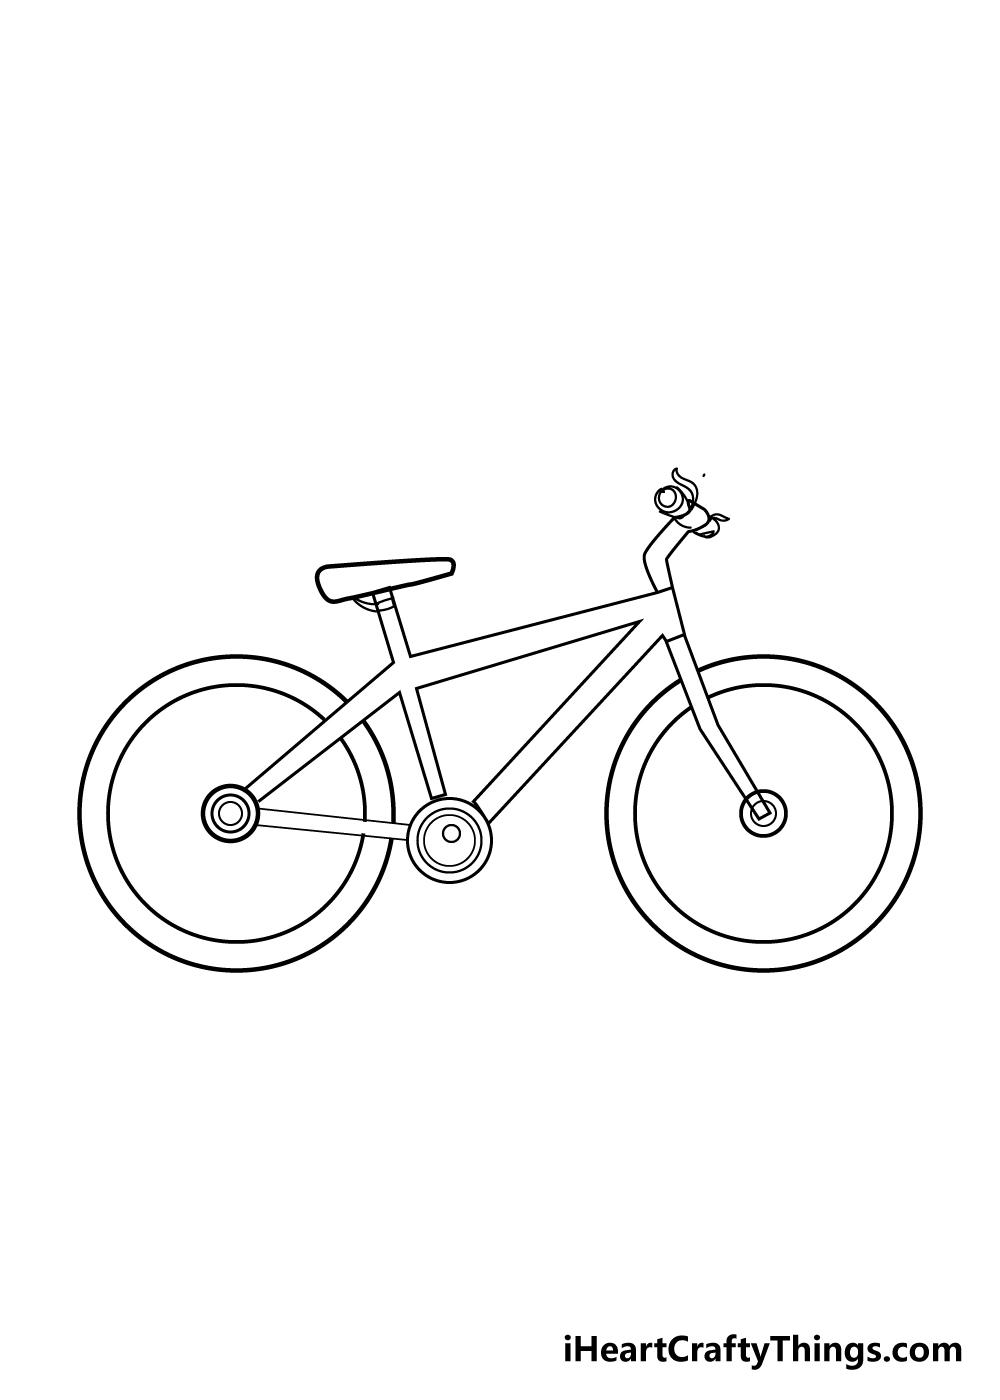 bike drawing step 7